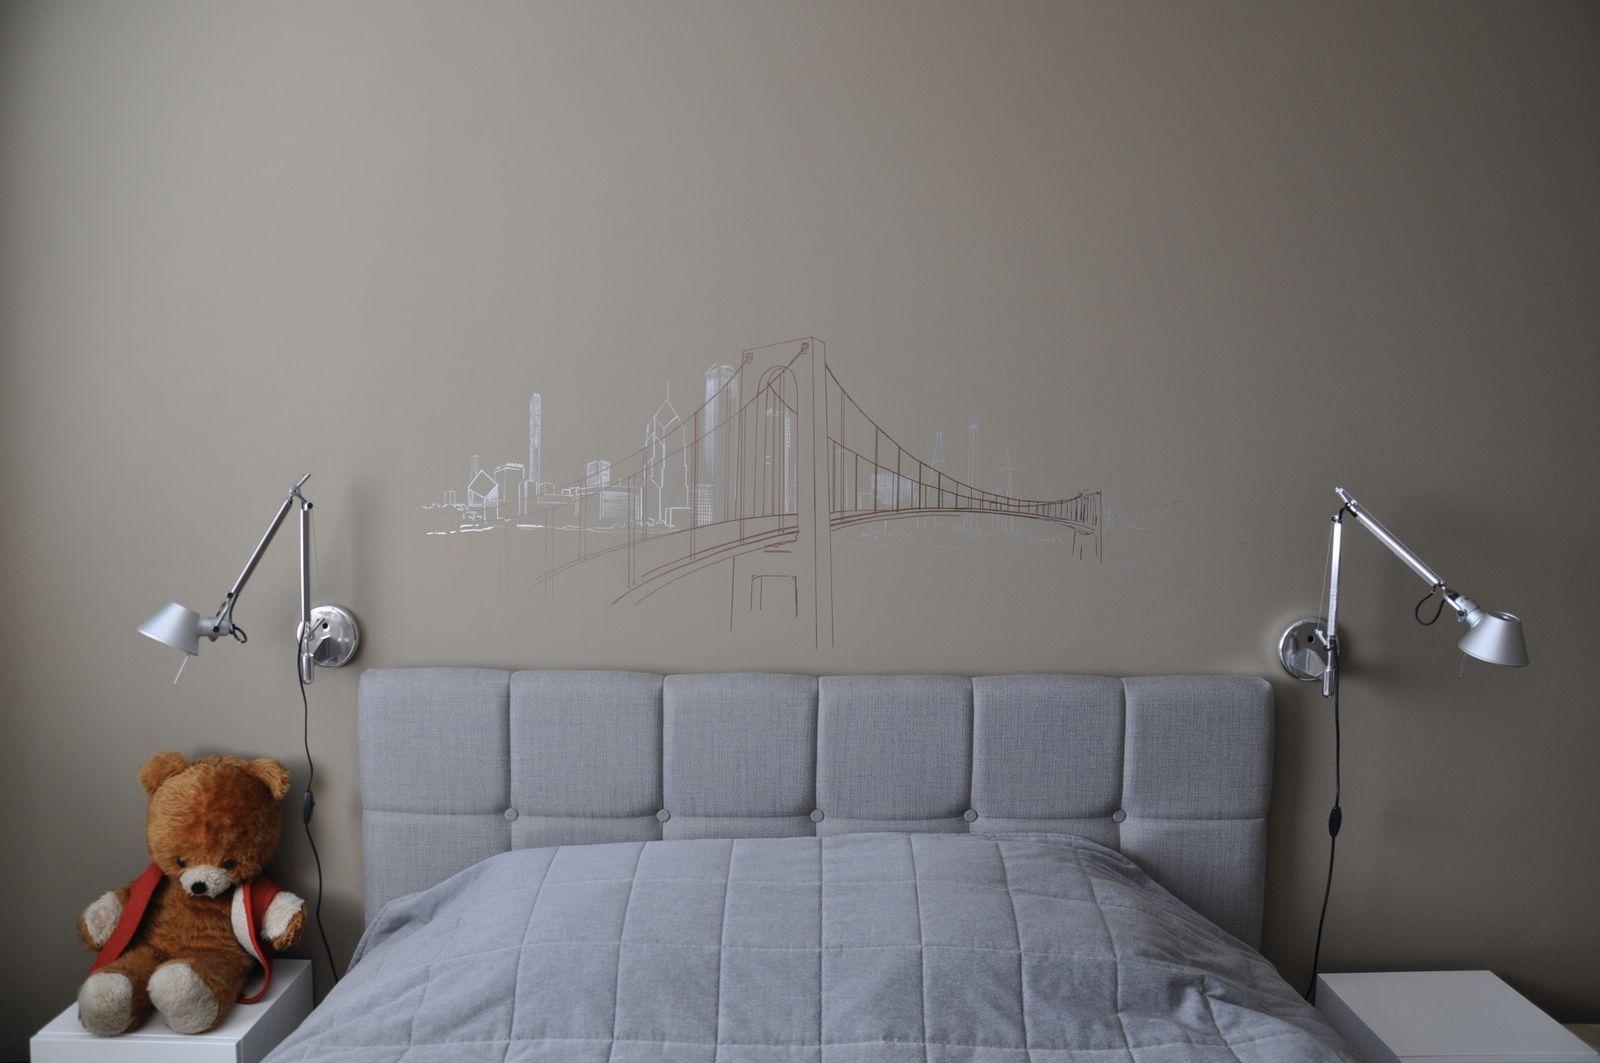 Skyline - Filzstiftzeichnung - Wandzeichnung